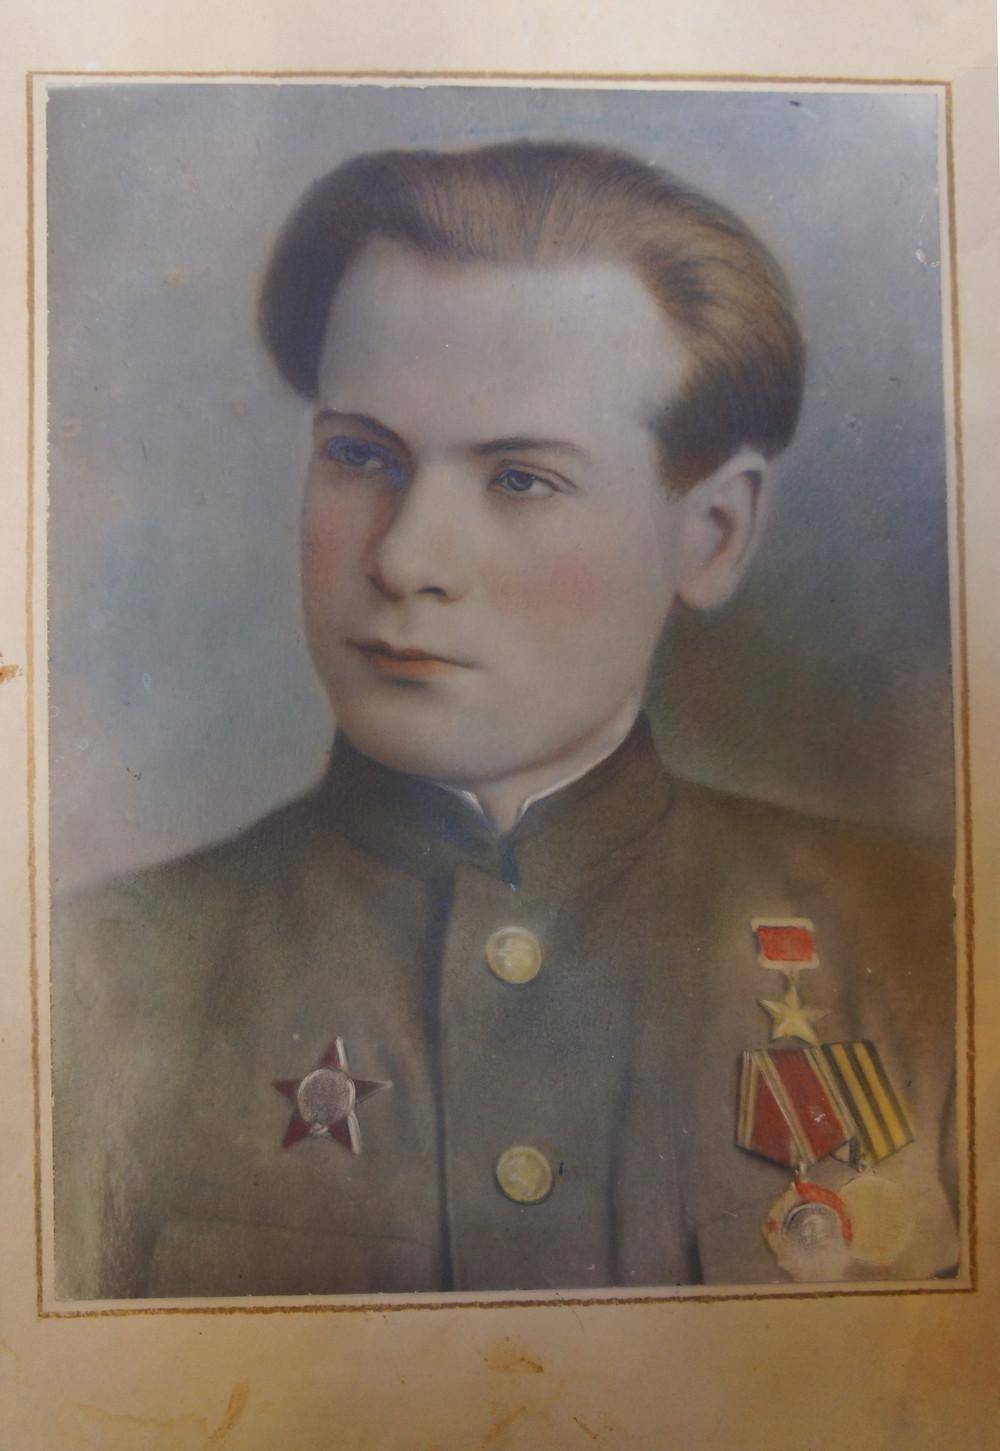 Чернышенко Виктор Семенович Герой СССР